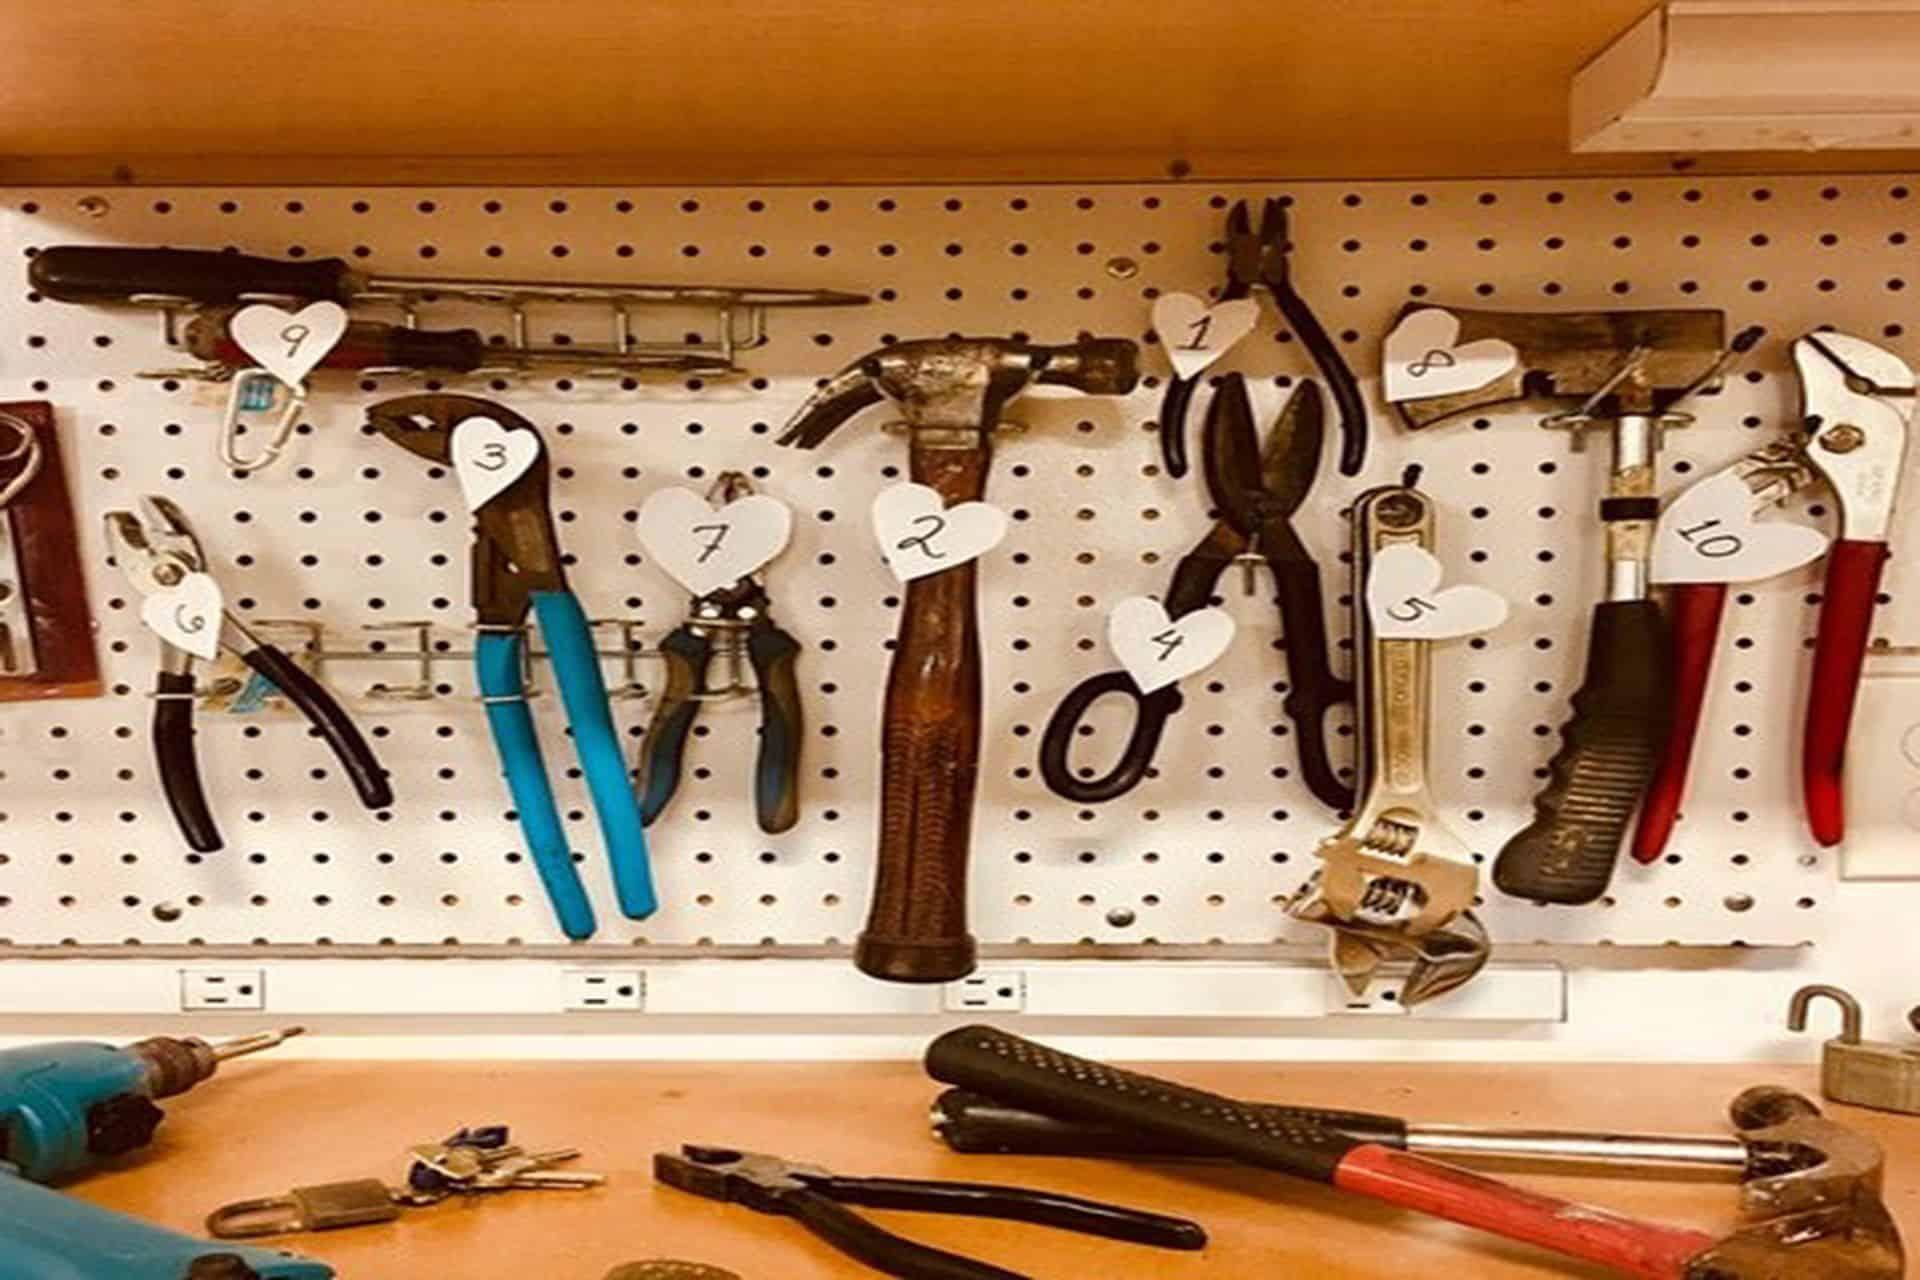 Çalışma tezgahı üzerine asılmış el aletleri